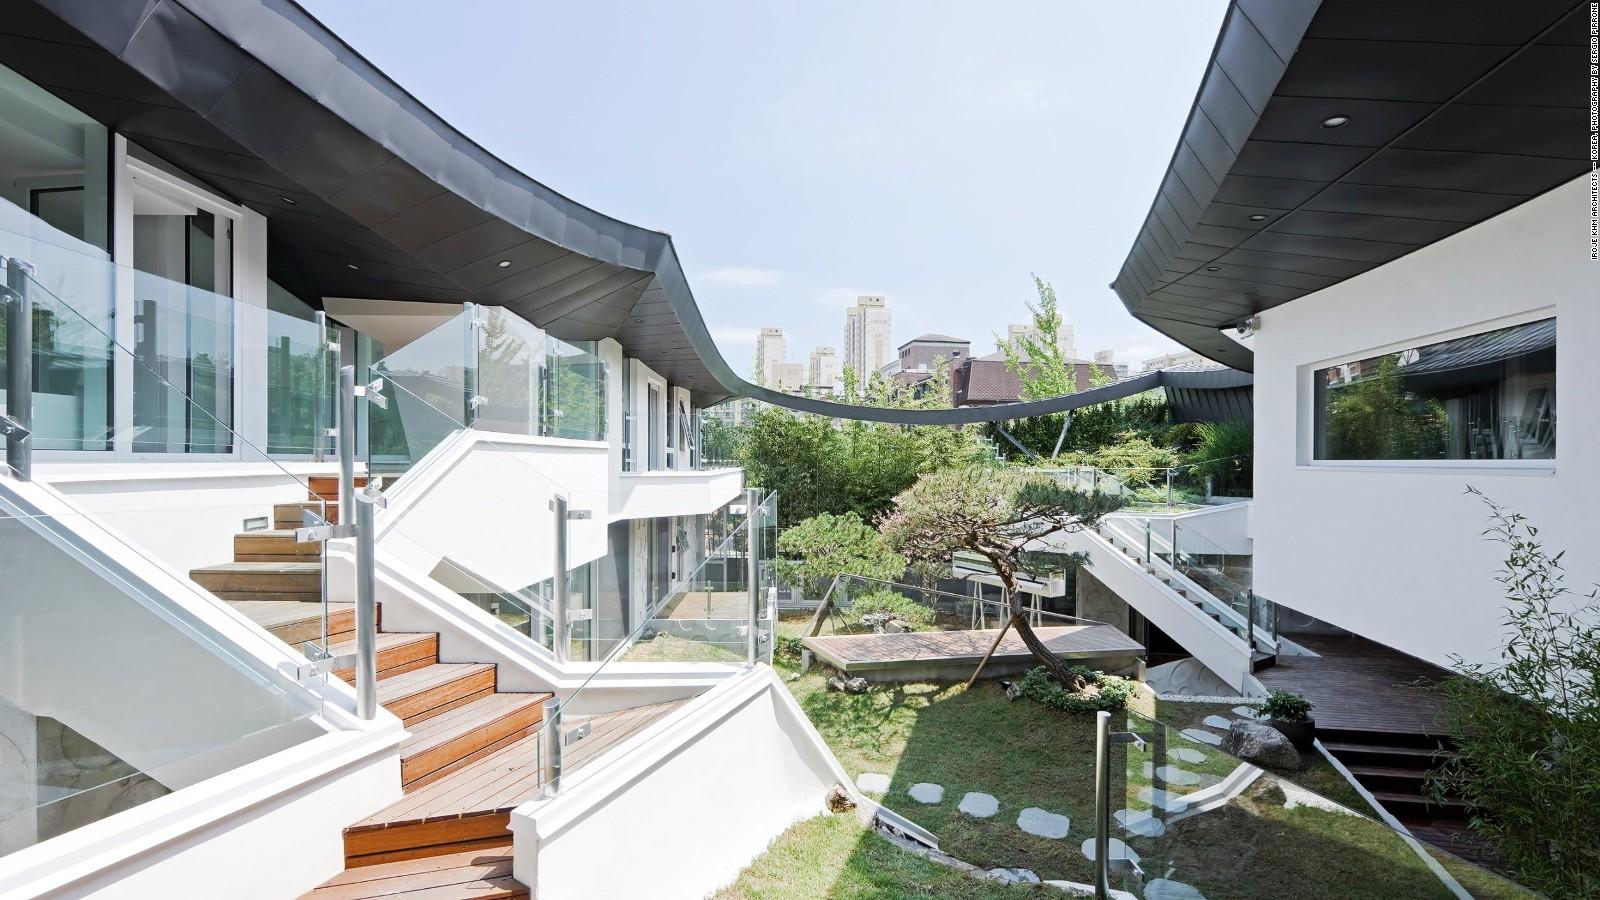 Hanok traditions inspire modern Korean design - CNN Style on